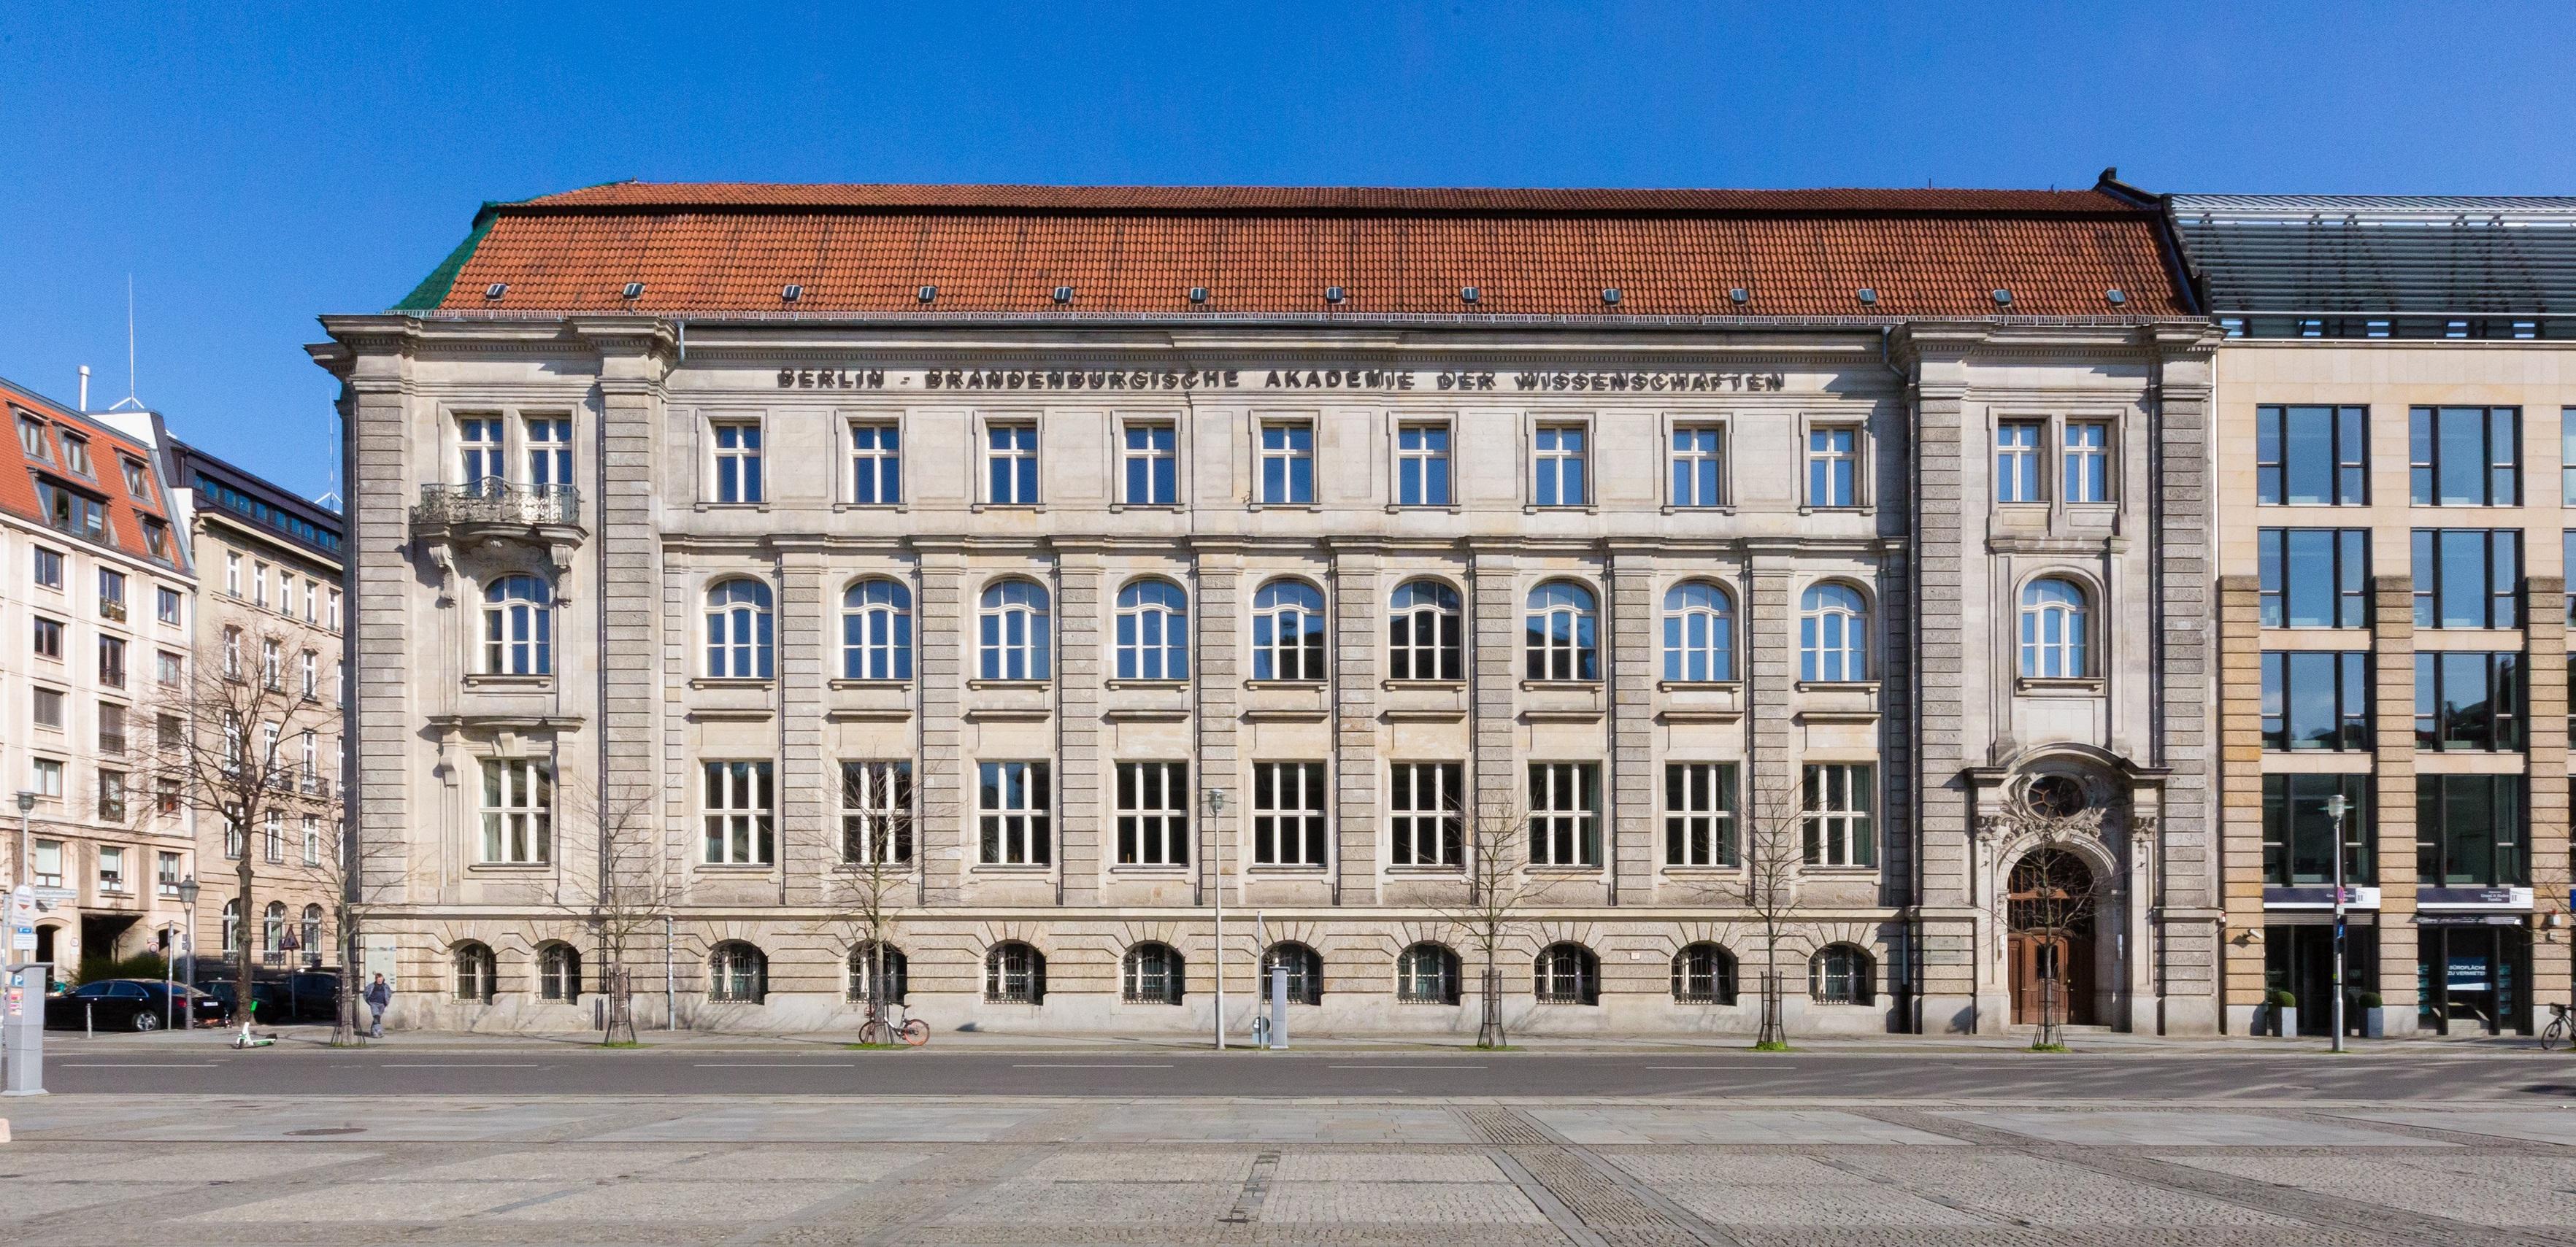 Berlin-Brandenburgische Akademie der Wissenschaften Ansicht Hauptgebäude